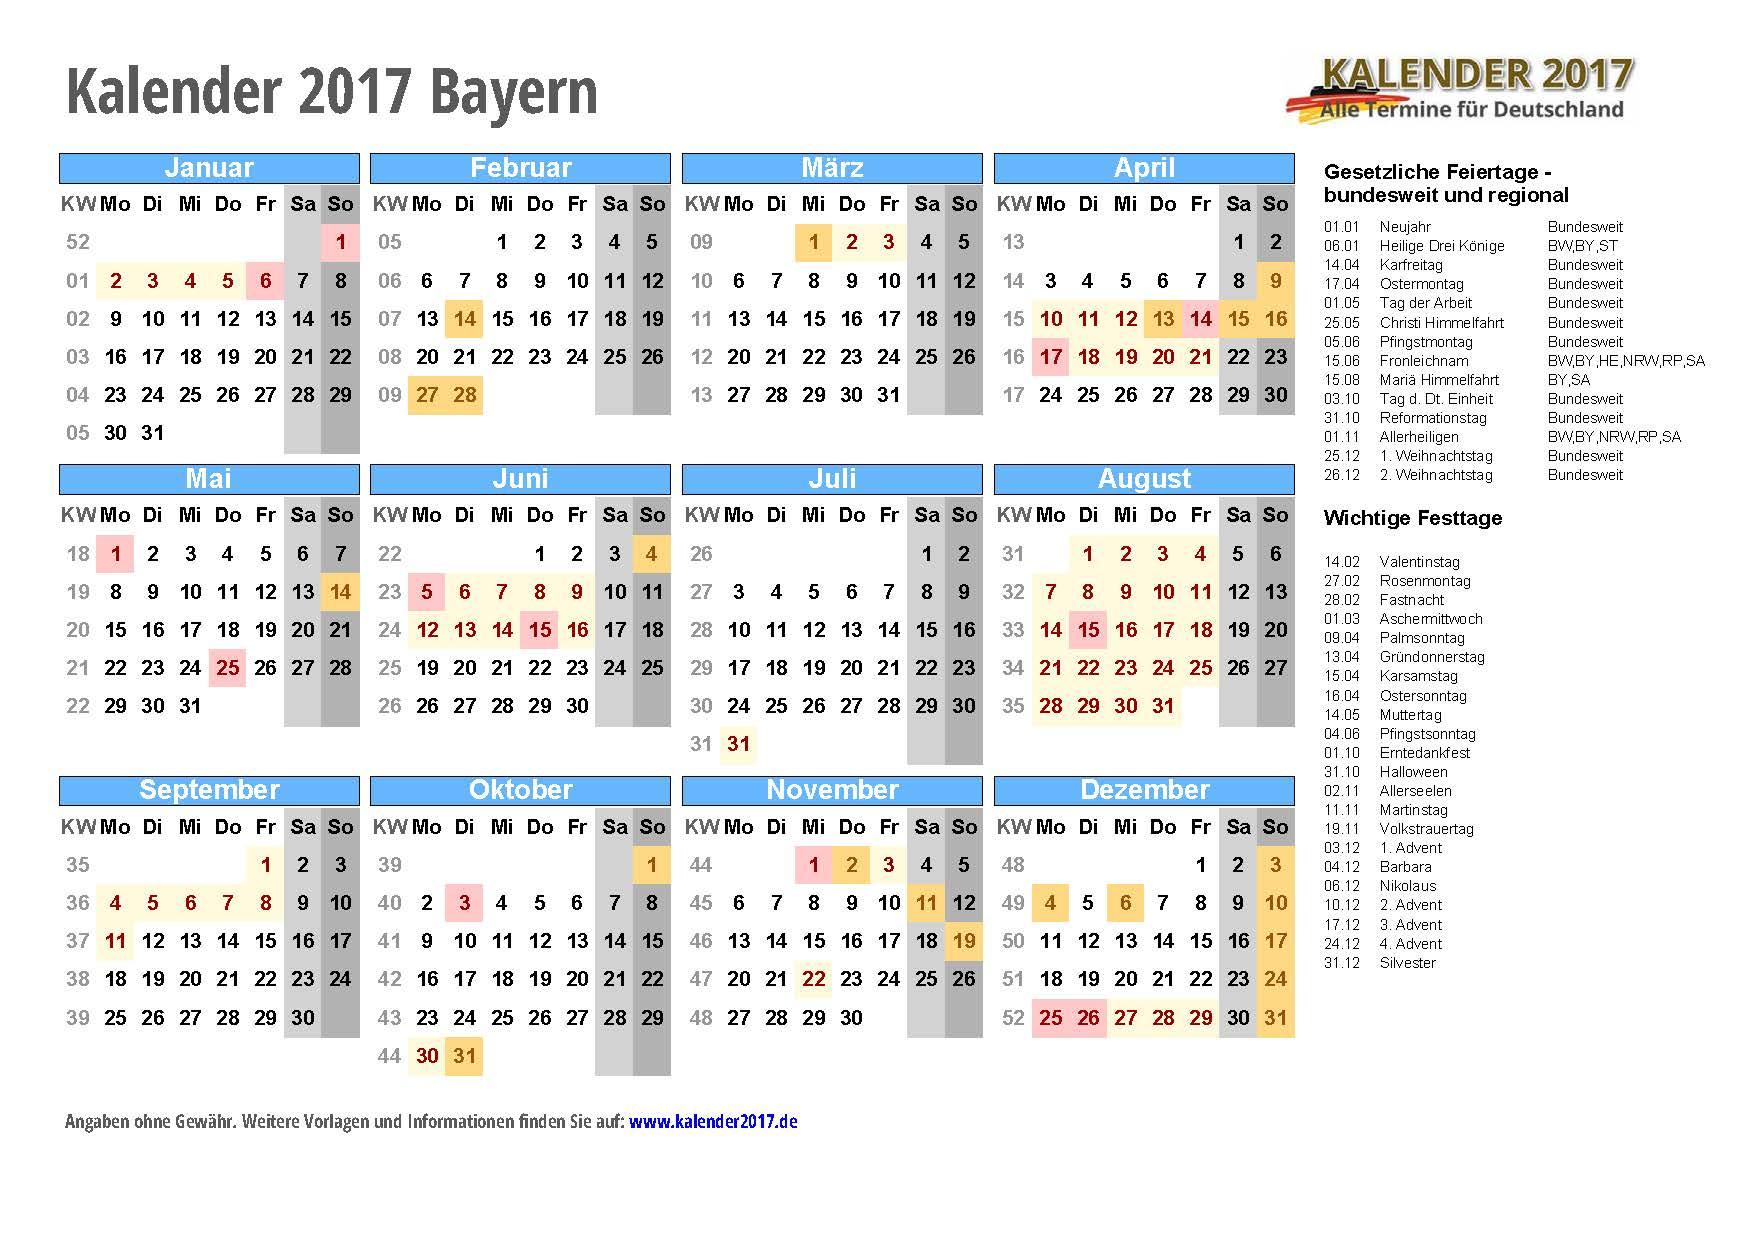 Kalender 2017 Bayern zum Ausdrucken - KALENDER 2017